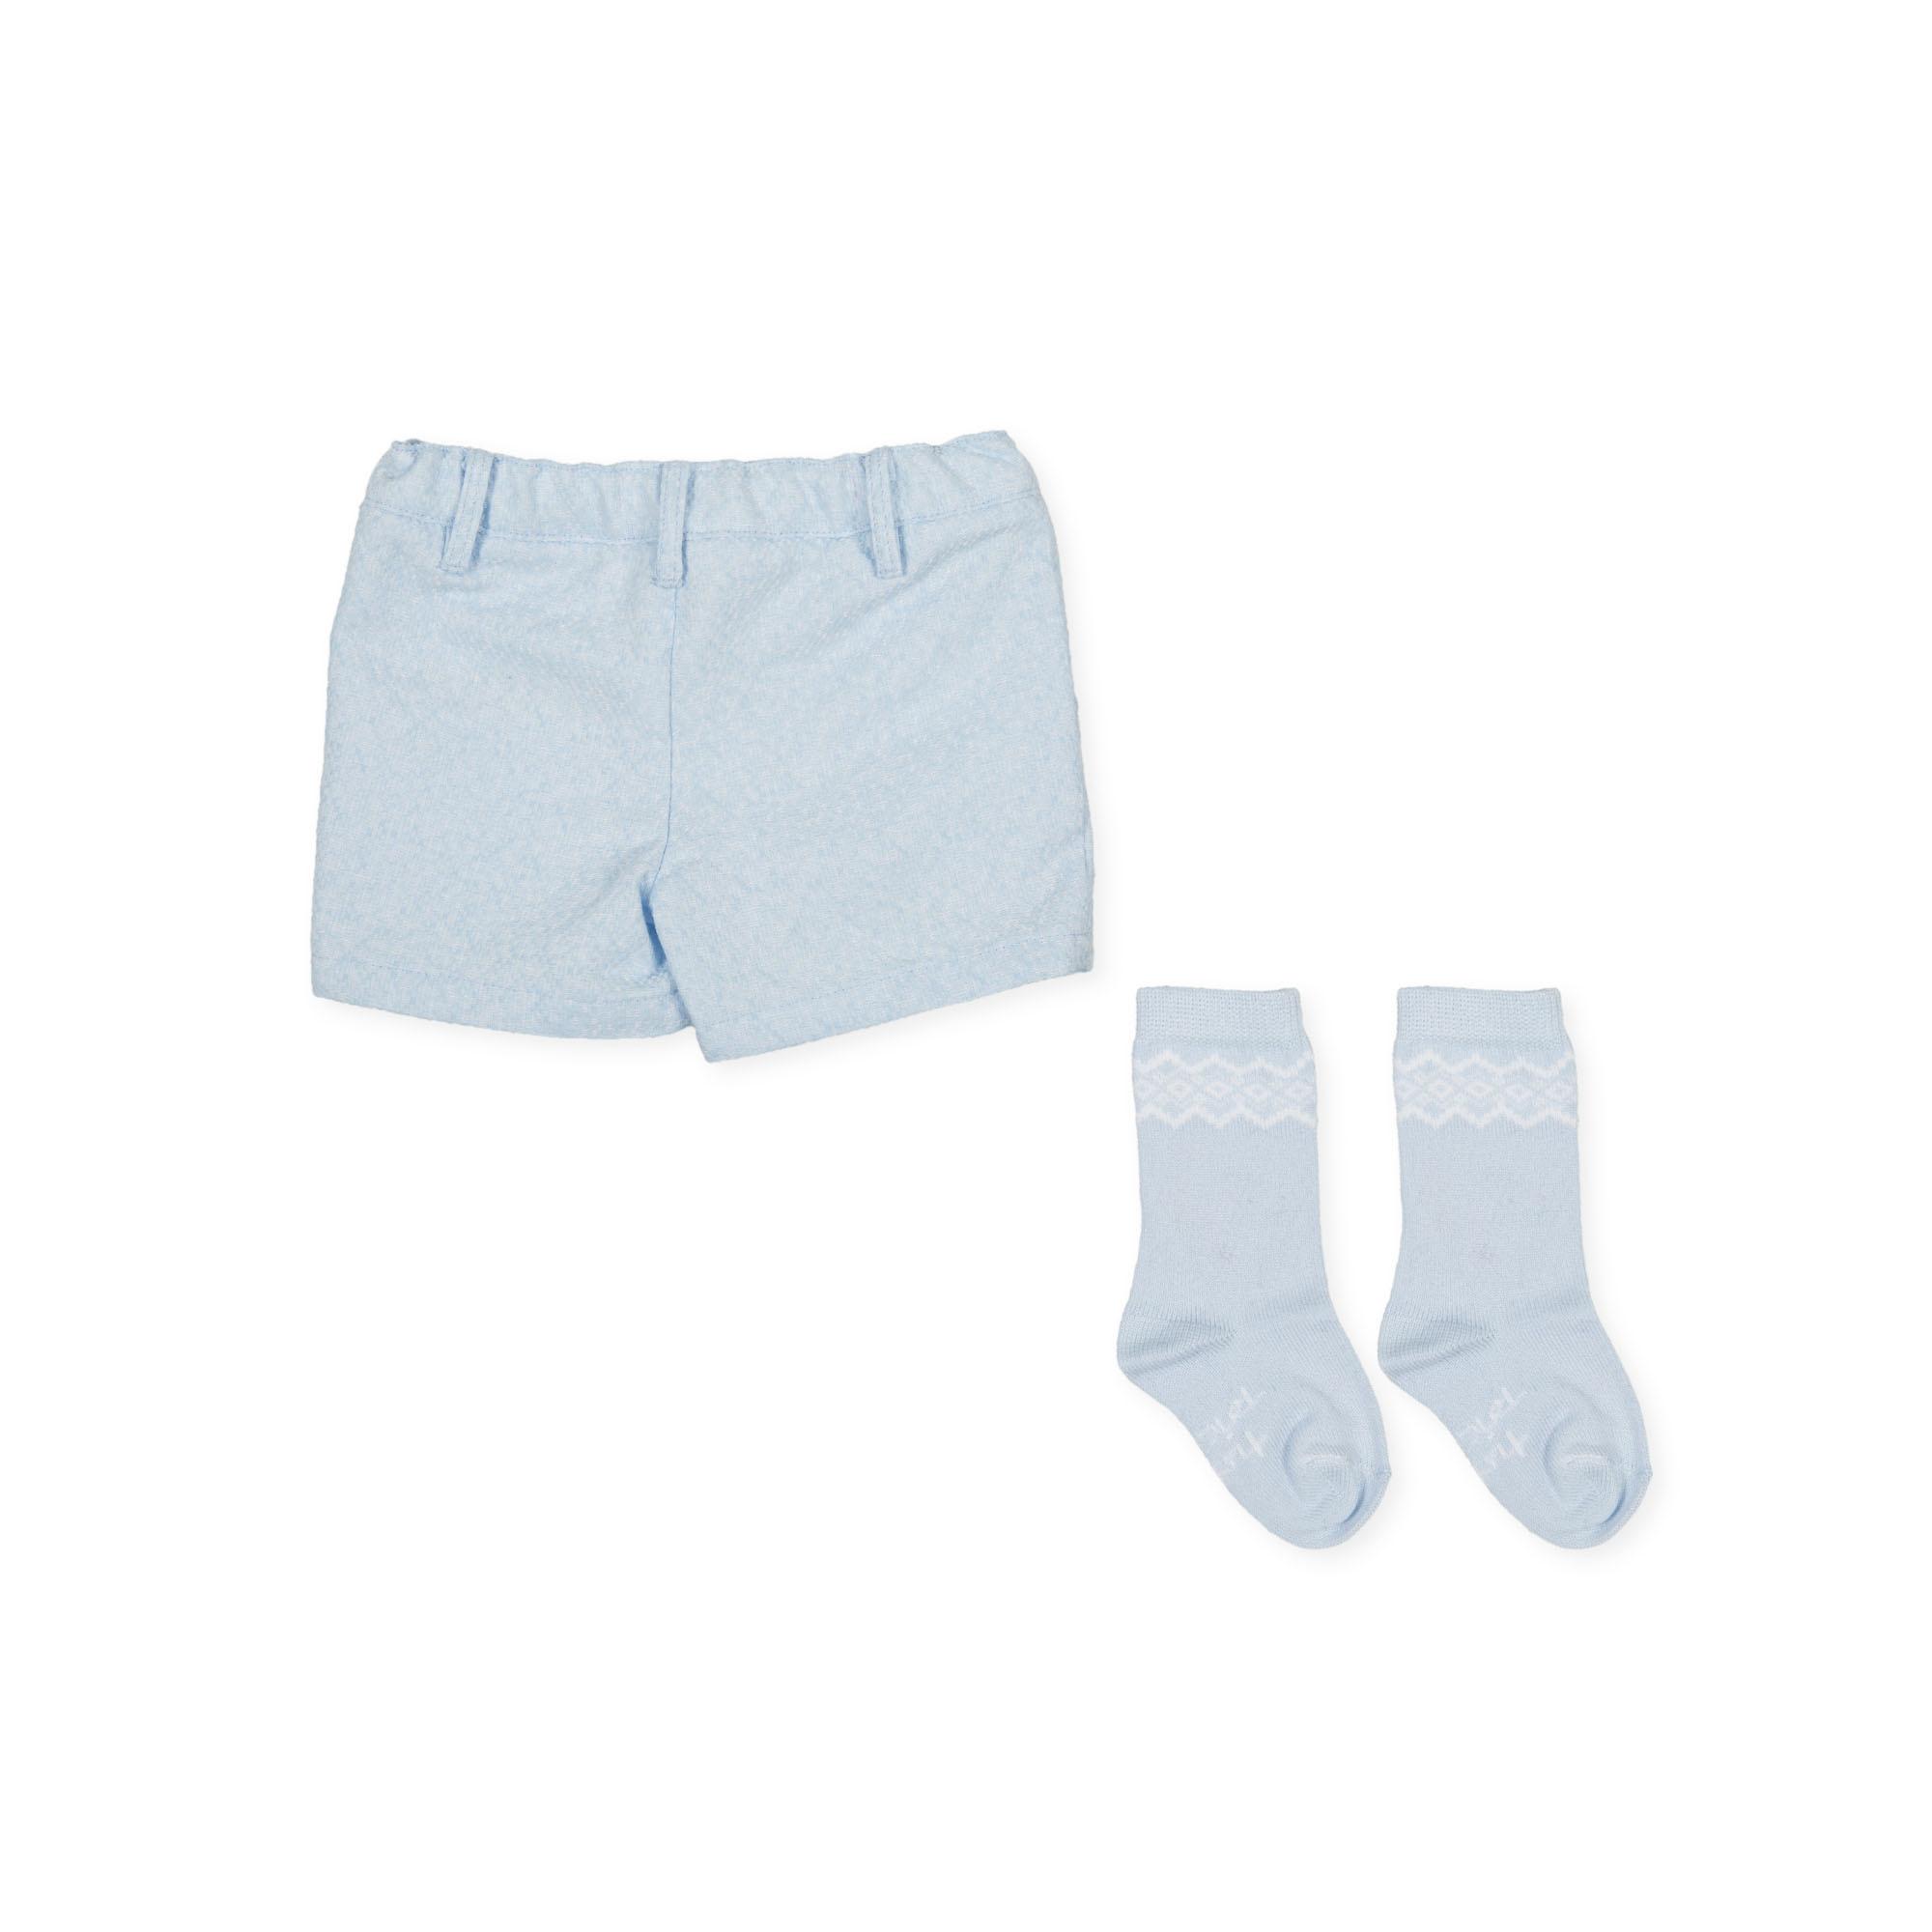 Tutto Piccolo Tutto Piccolo 9314 Pale Blue Shorts & Socks